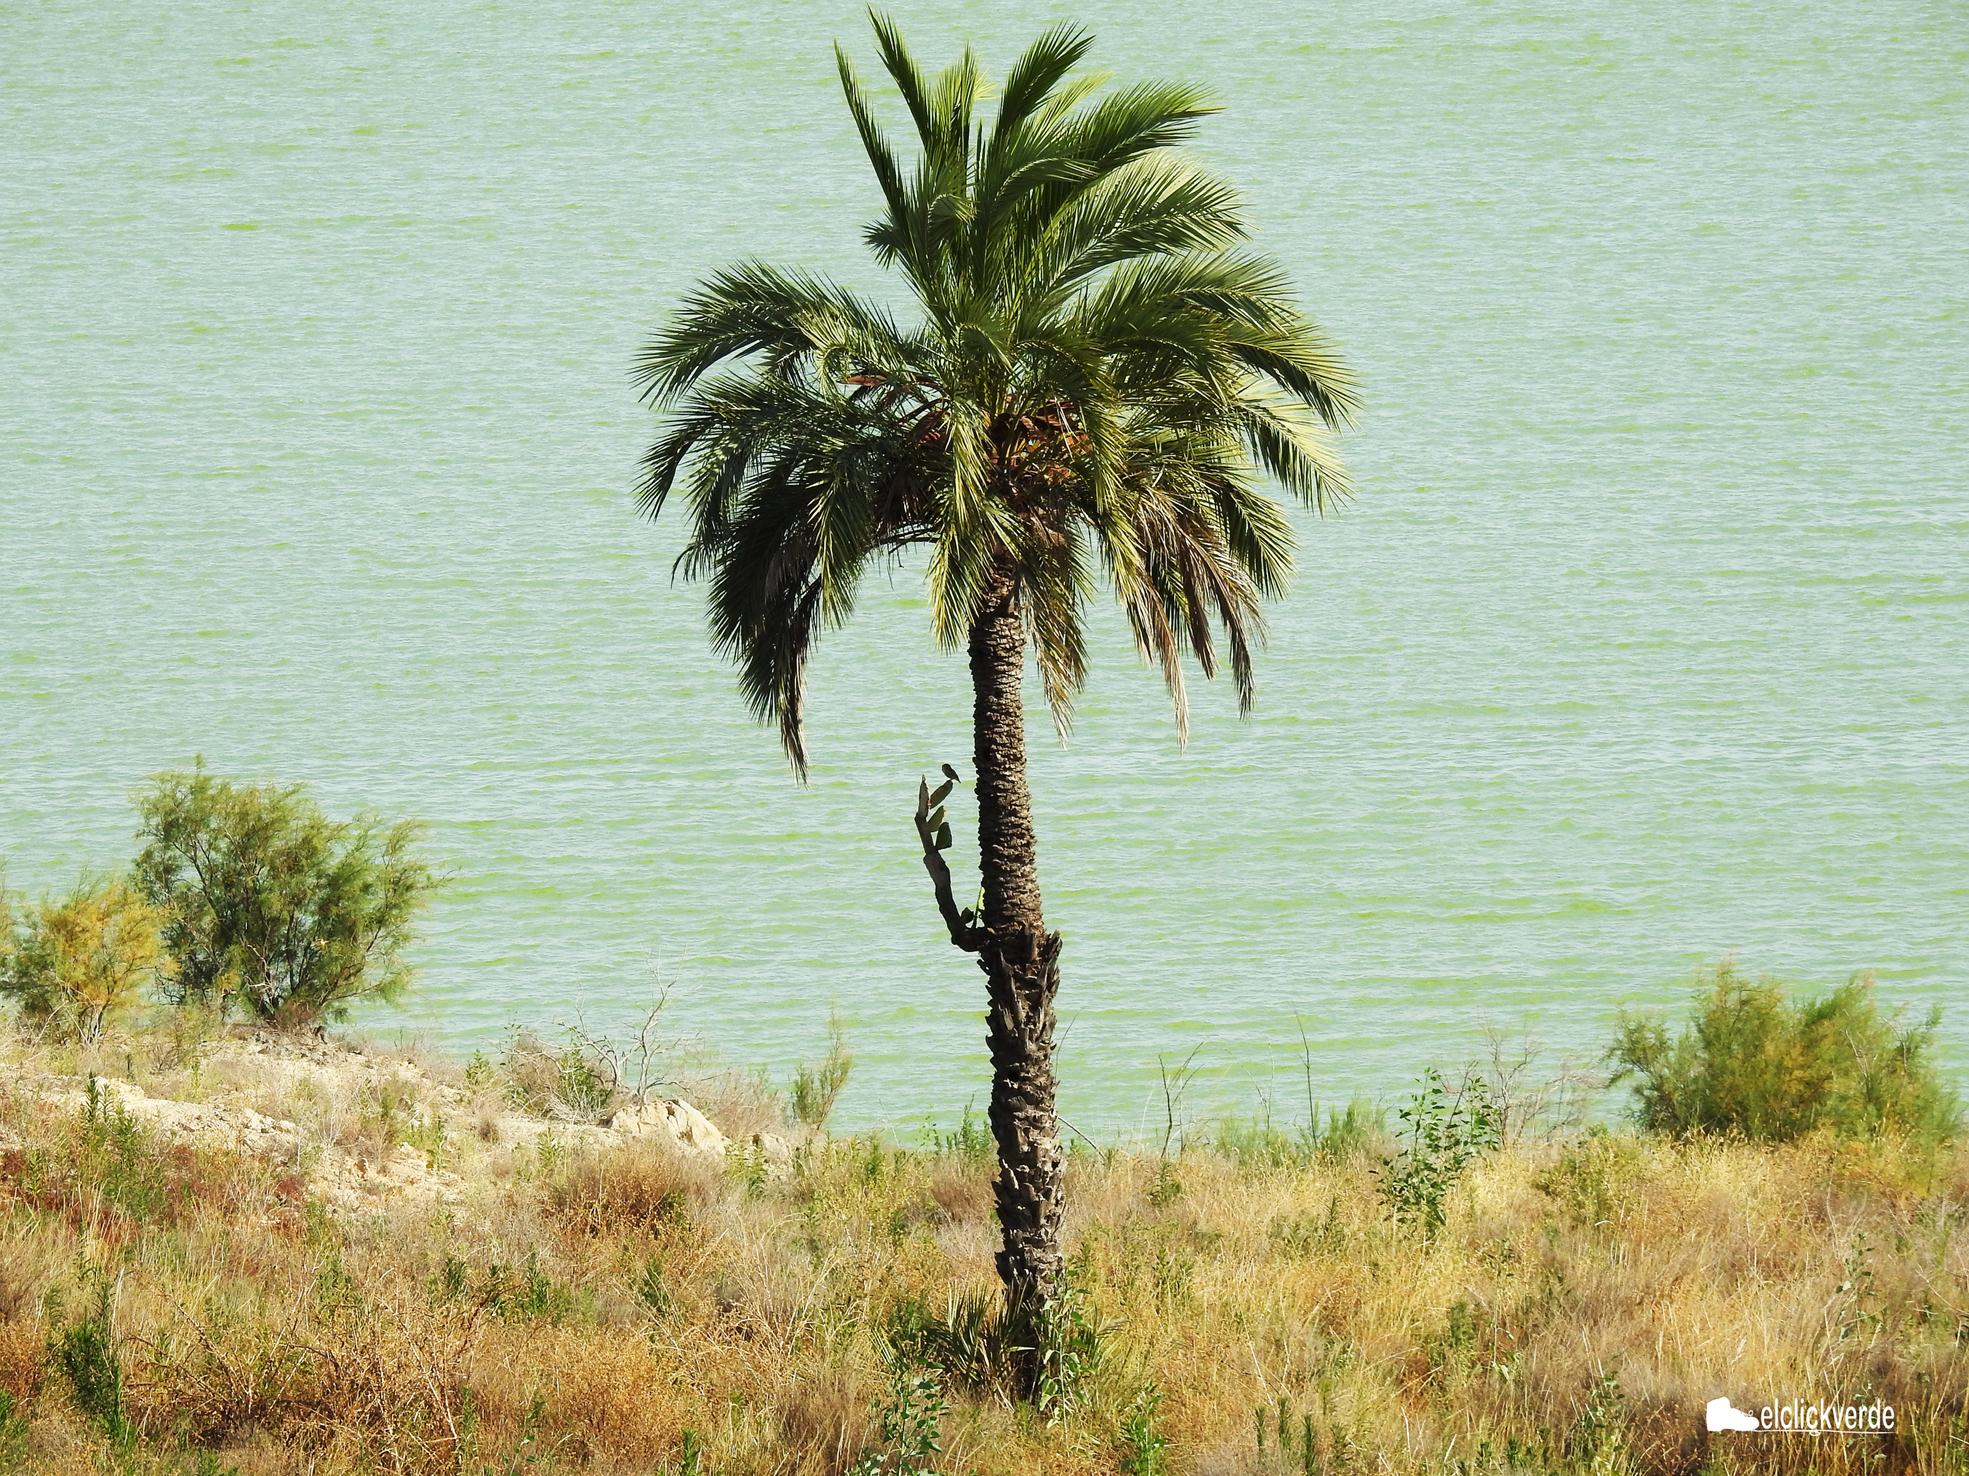 La palmera, con una chumbera a modo de brazo, da la bienvenida al pantano. Además, presenta varios agujeros practicados probablemente por un pájaro carpintero o una carraca